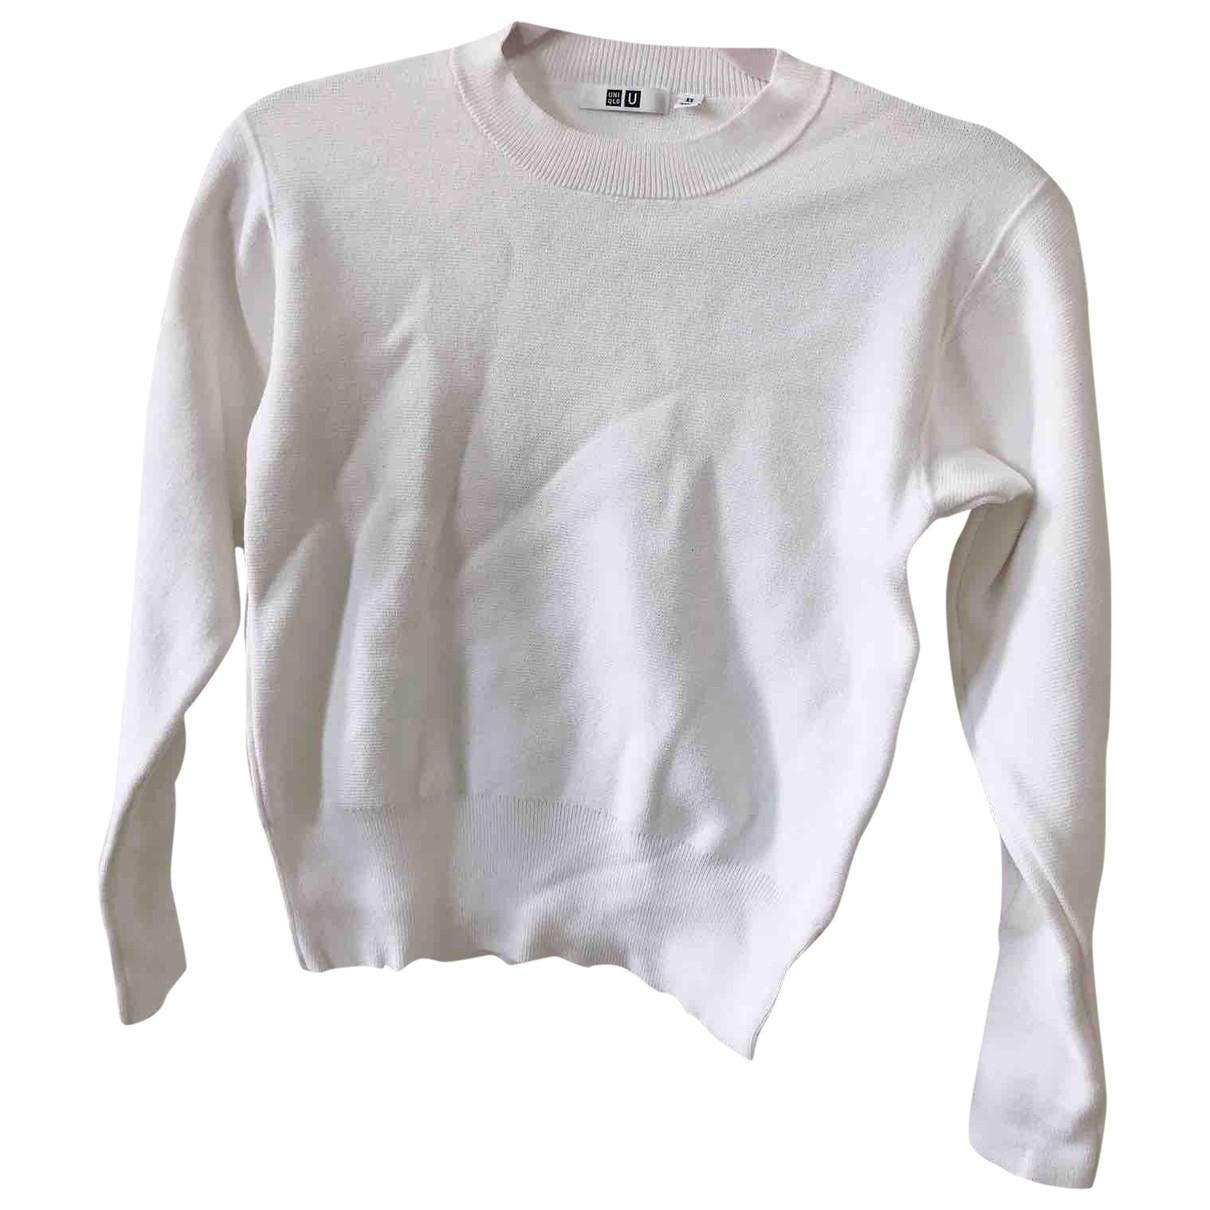 Uniqlo \N White Knitwear for Women XS International